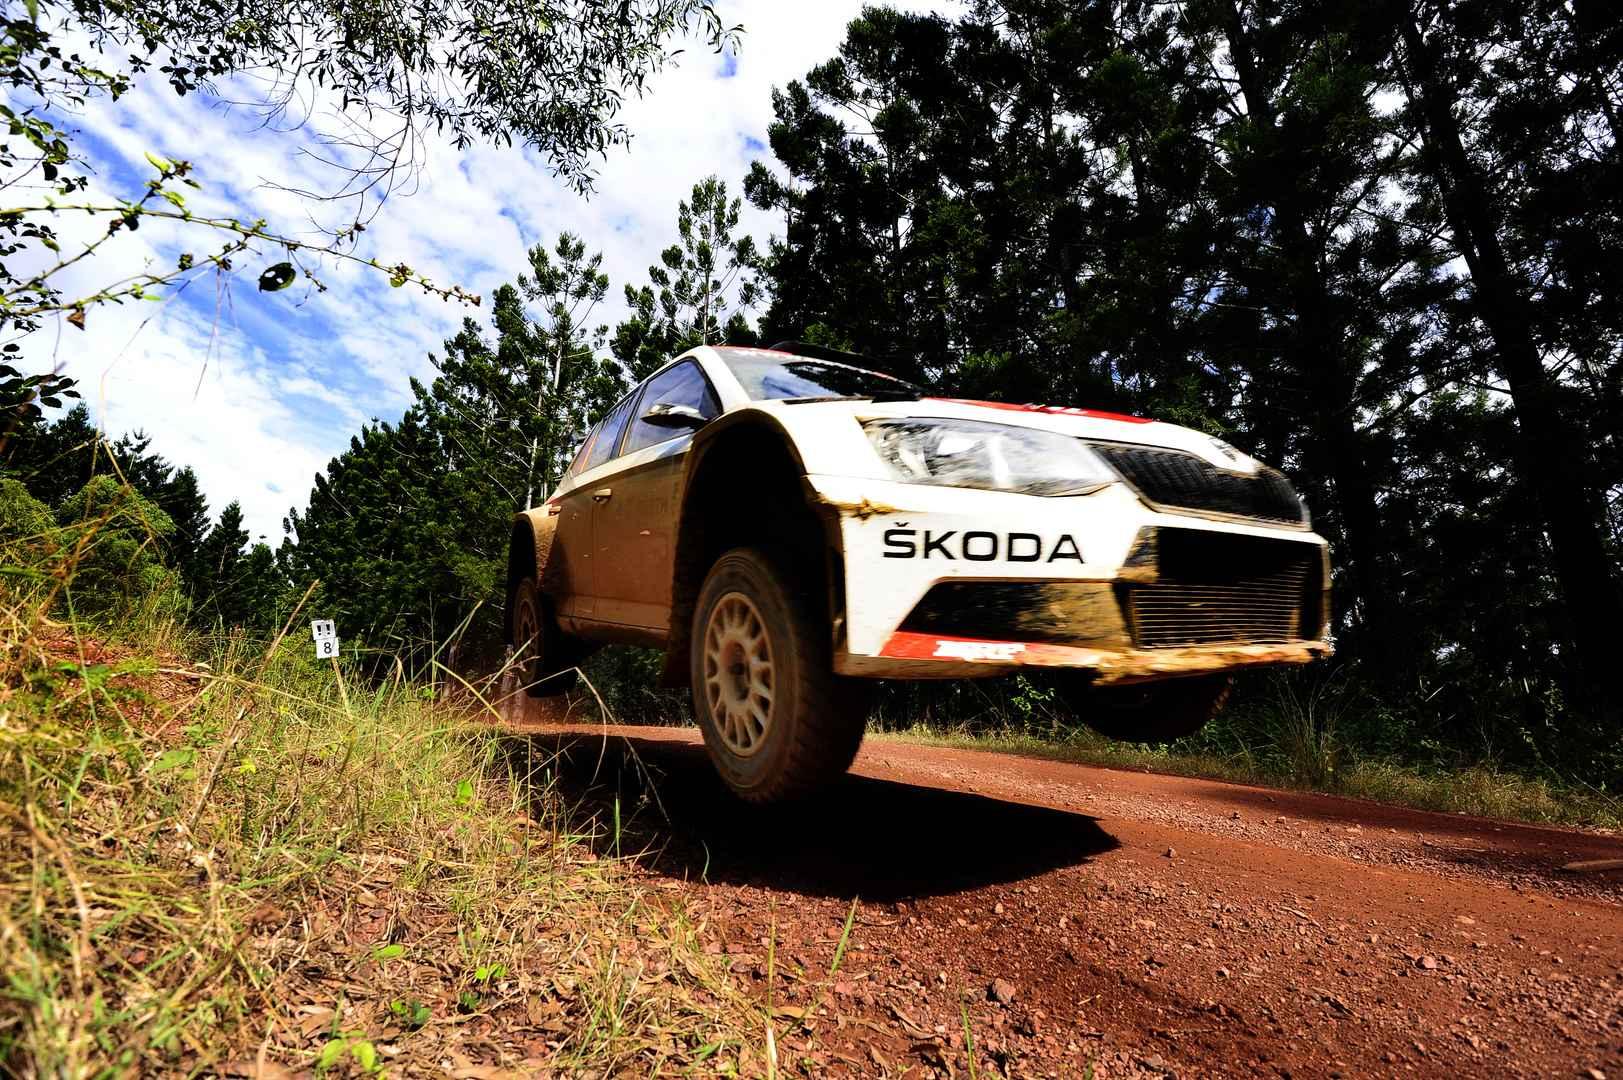 Předčasně ukončená série úspěchů | International Rally of Queensland